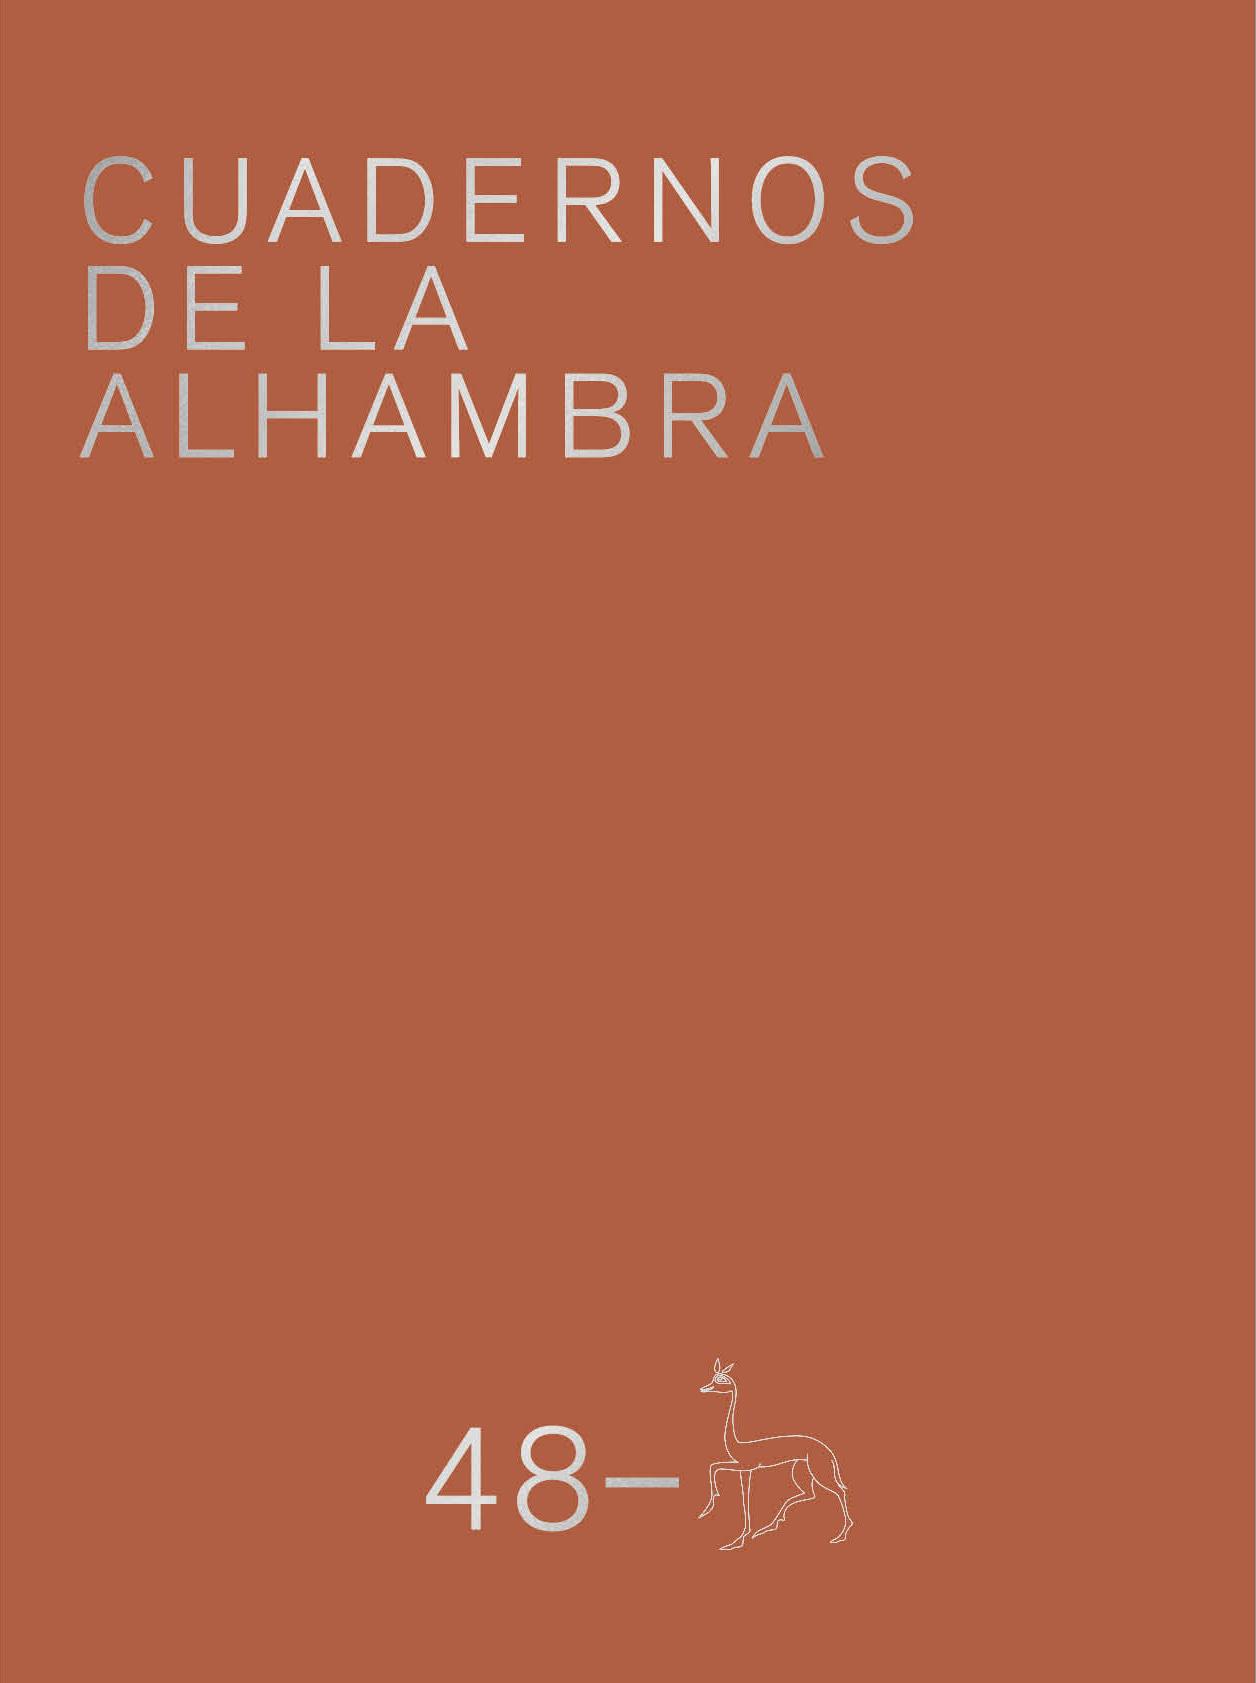 Portada del número 48 de Cuadernos de la Alhambra